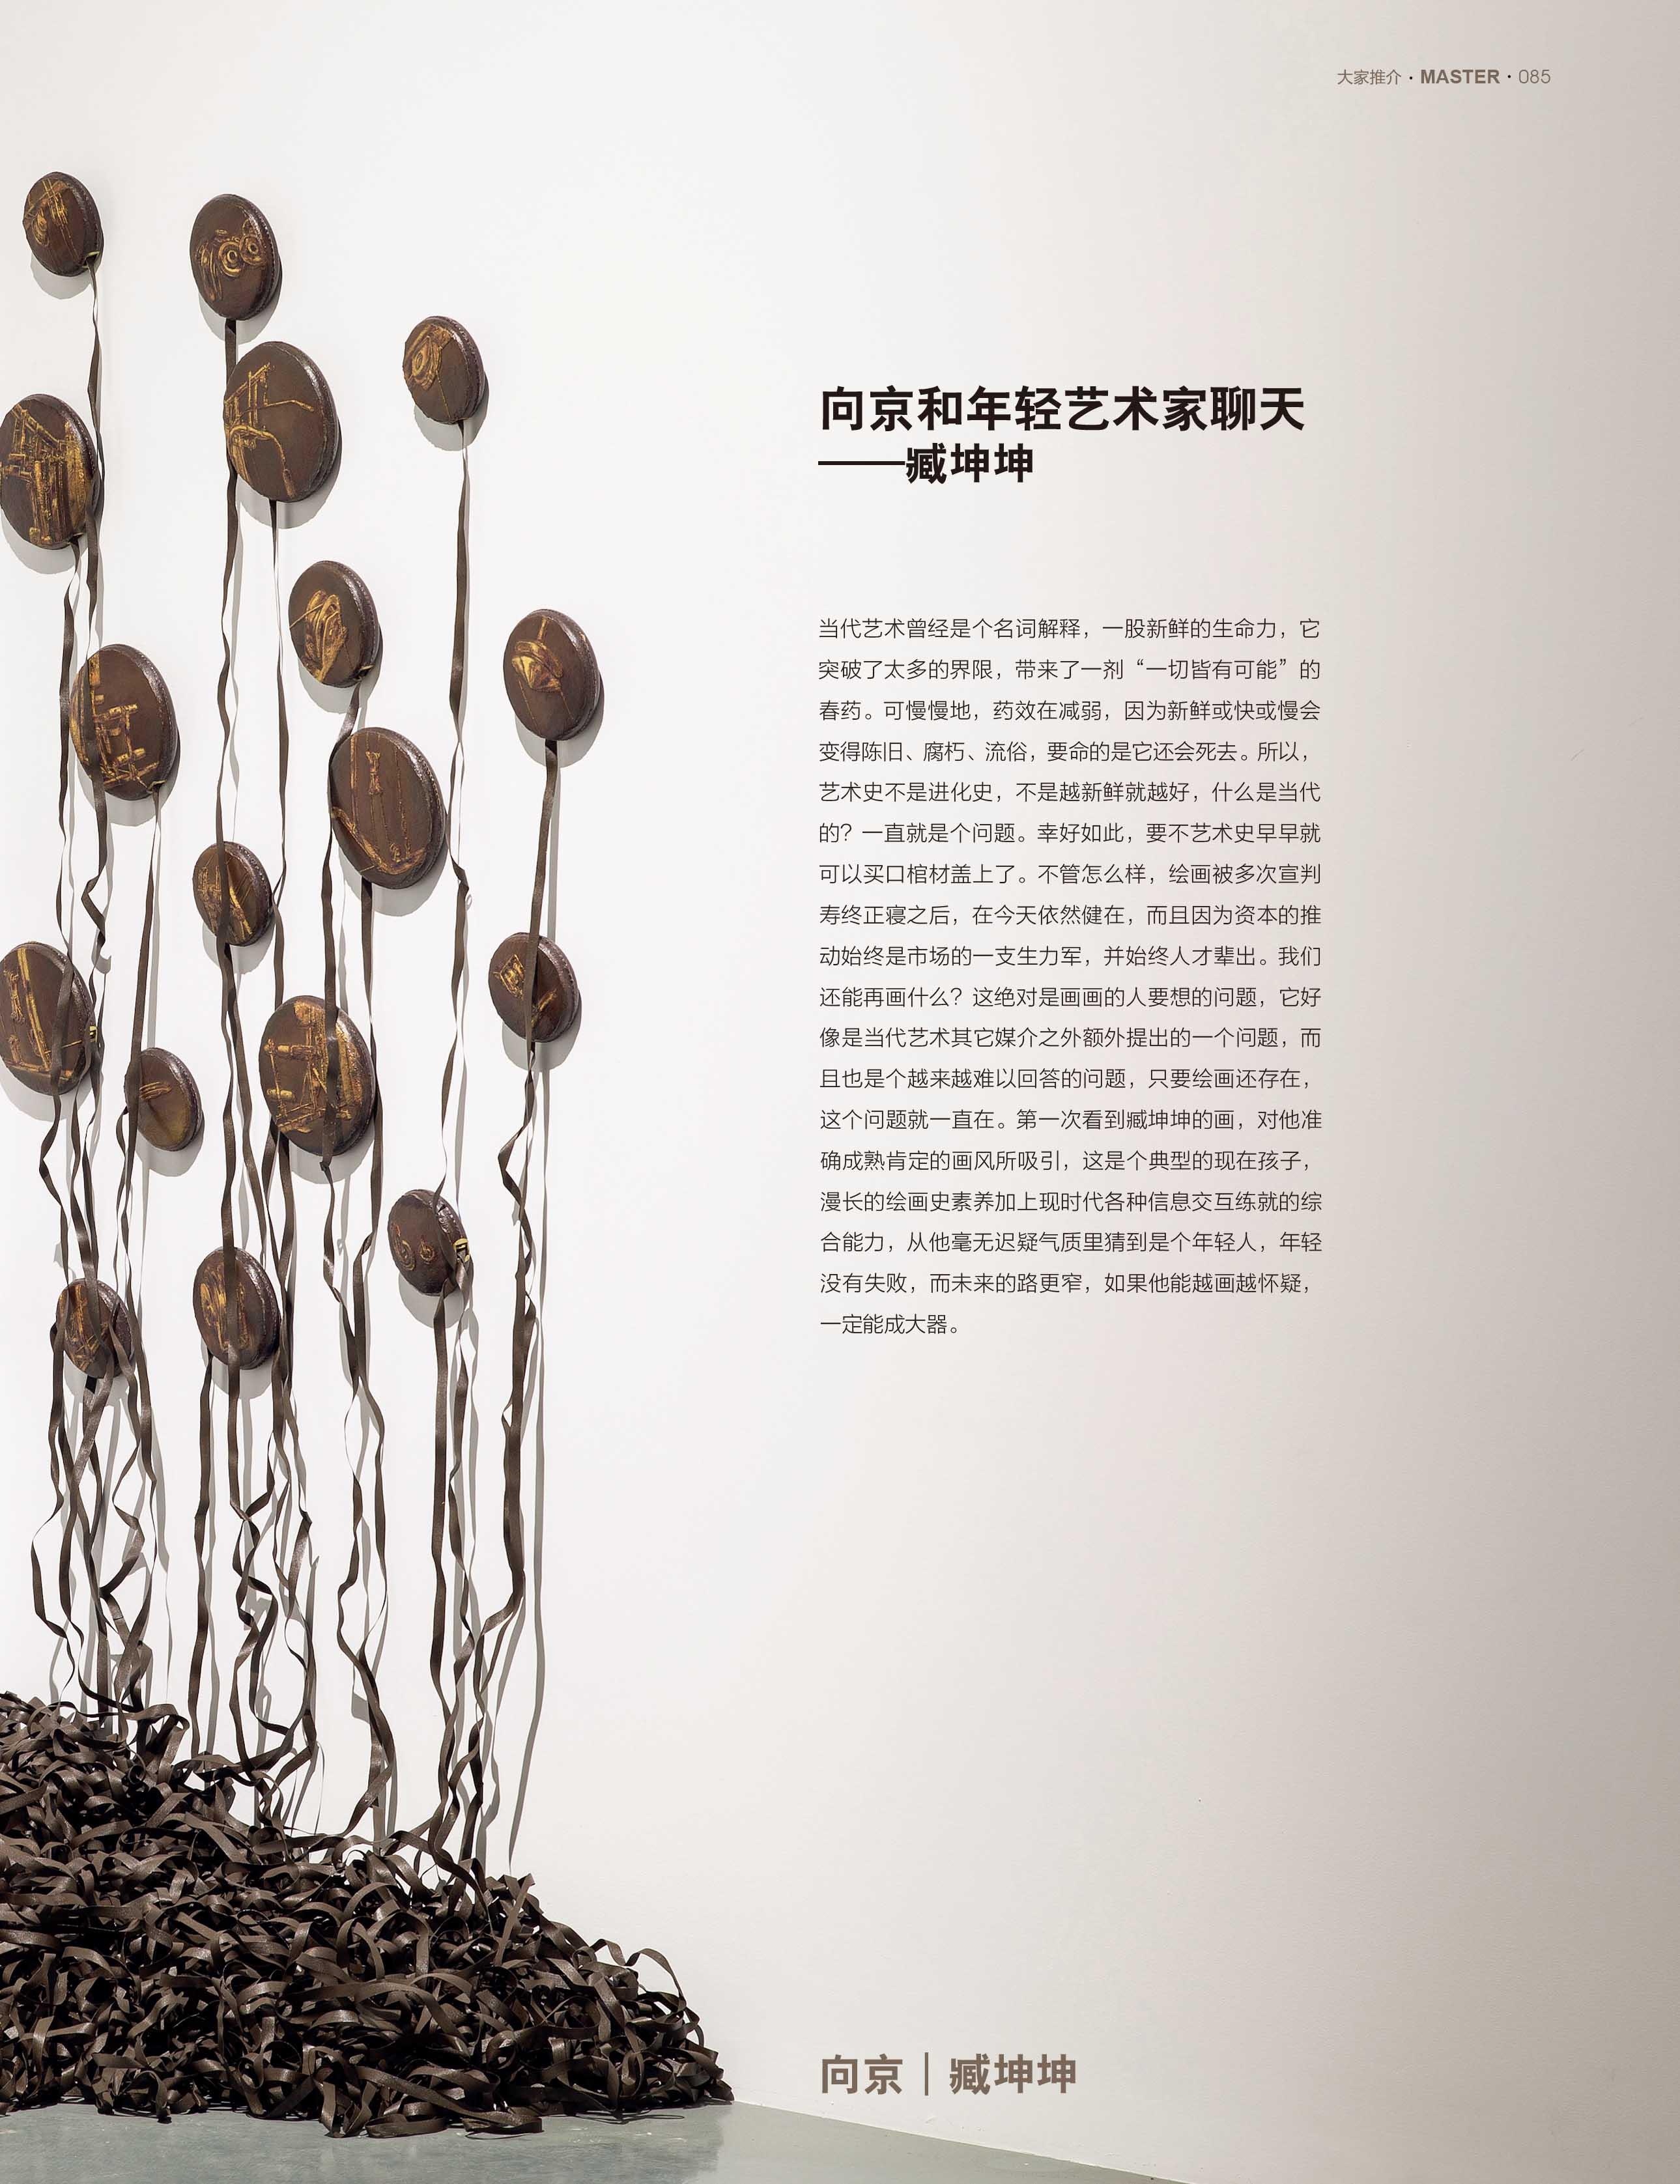 臧坤坤 2014.jpg